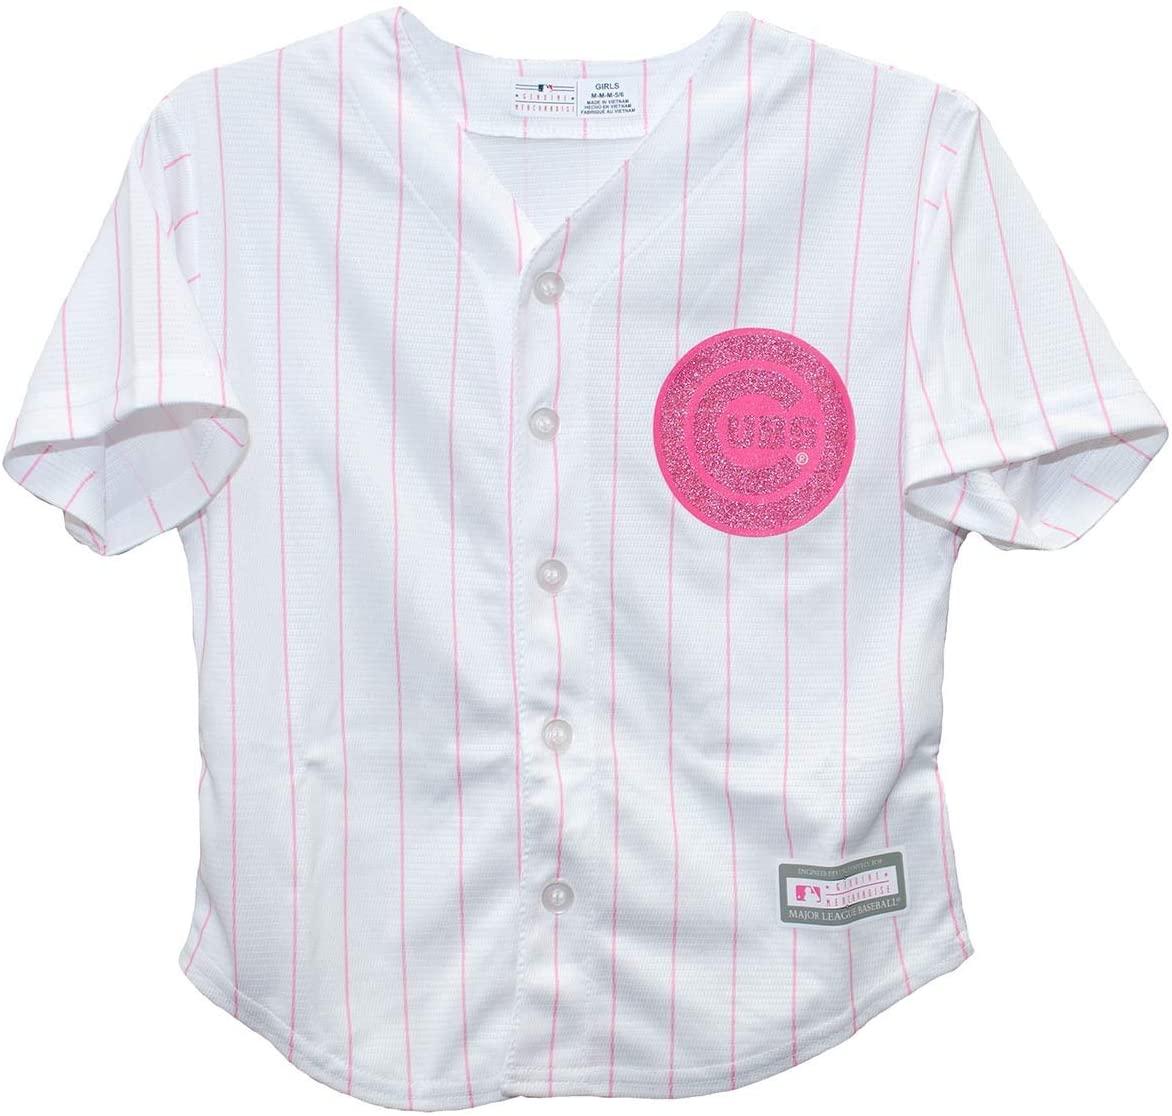 Outerstuff Chicago Cubs Pink Glitter Logo Cool Base Preschool Jersey